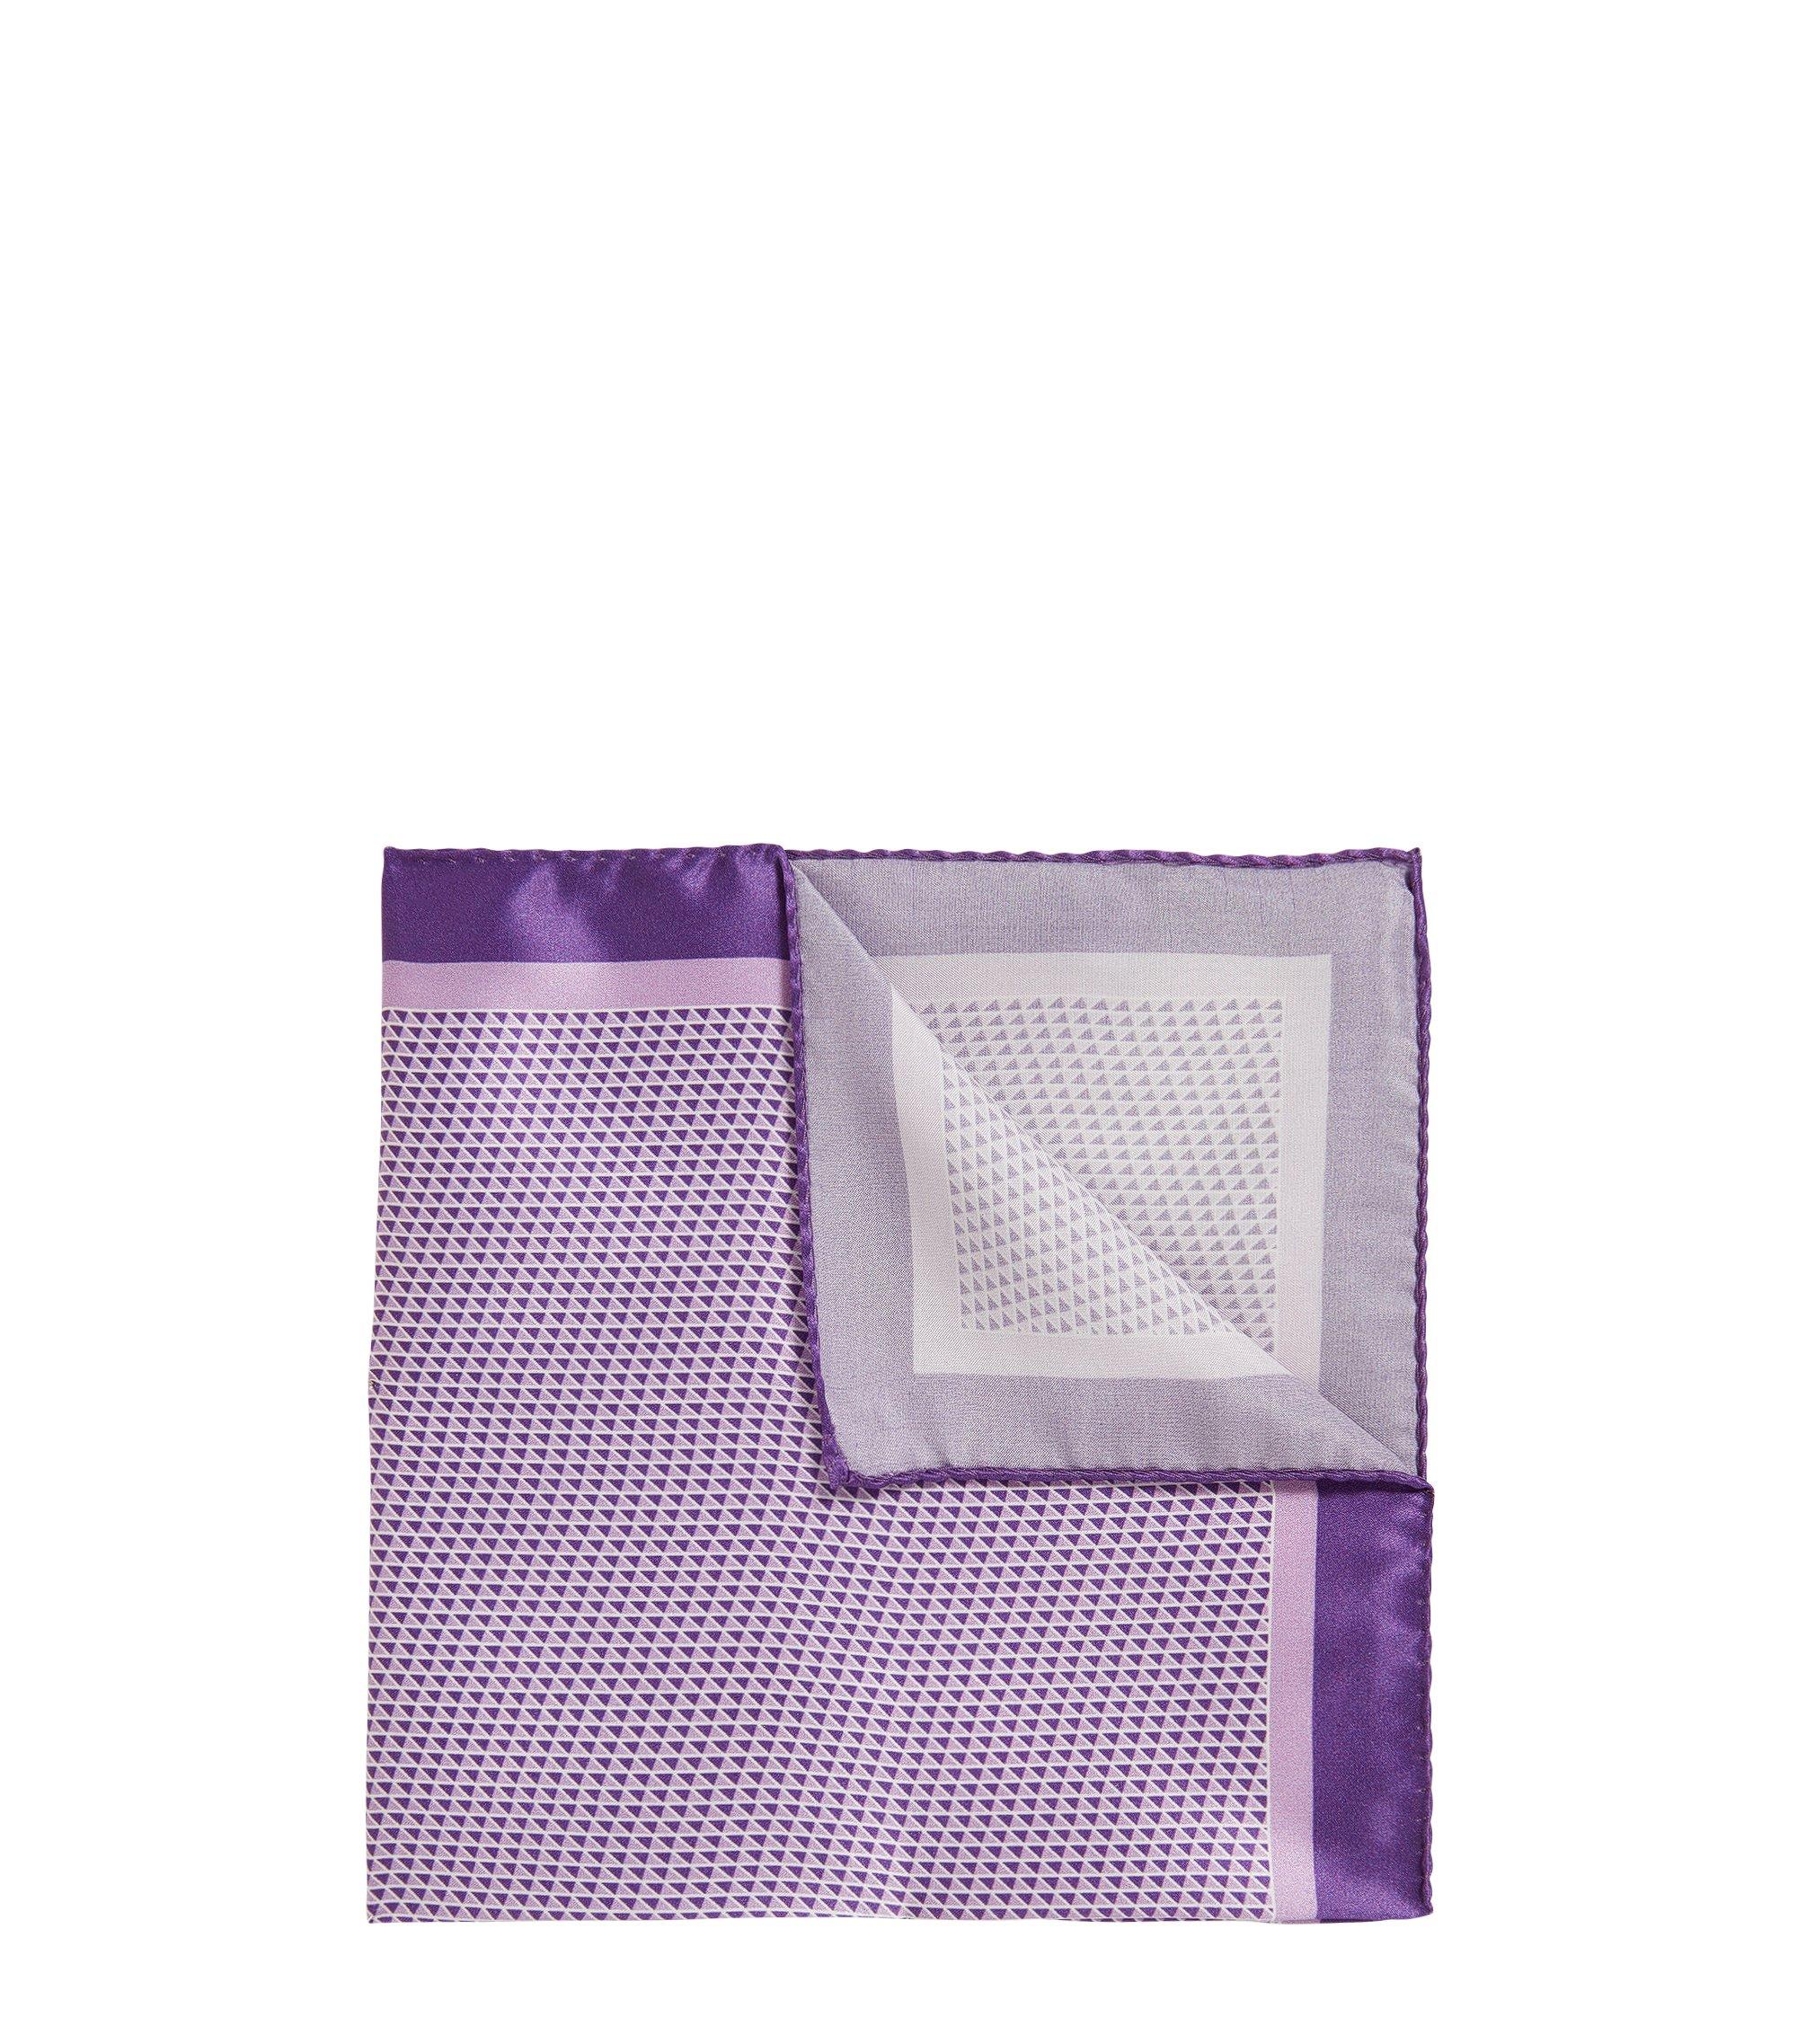 Pochette en pure soie à imprimé géométrique confectionnée en Italie, Lilas